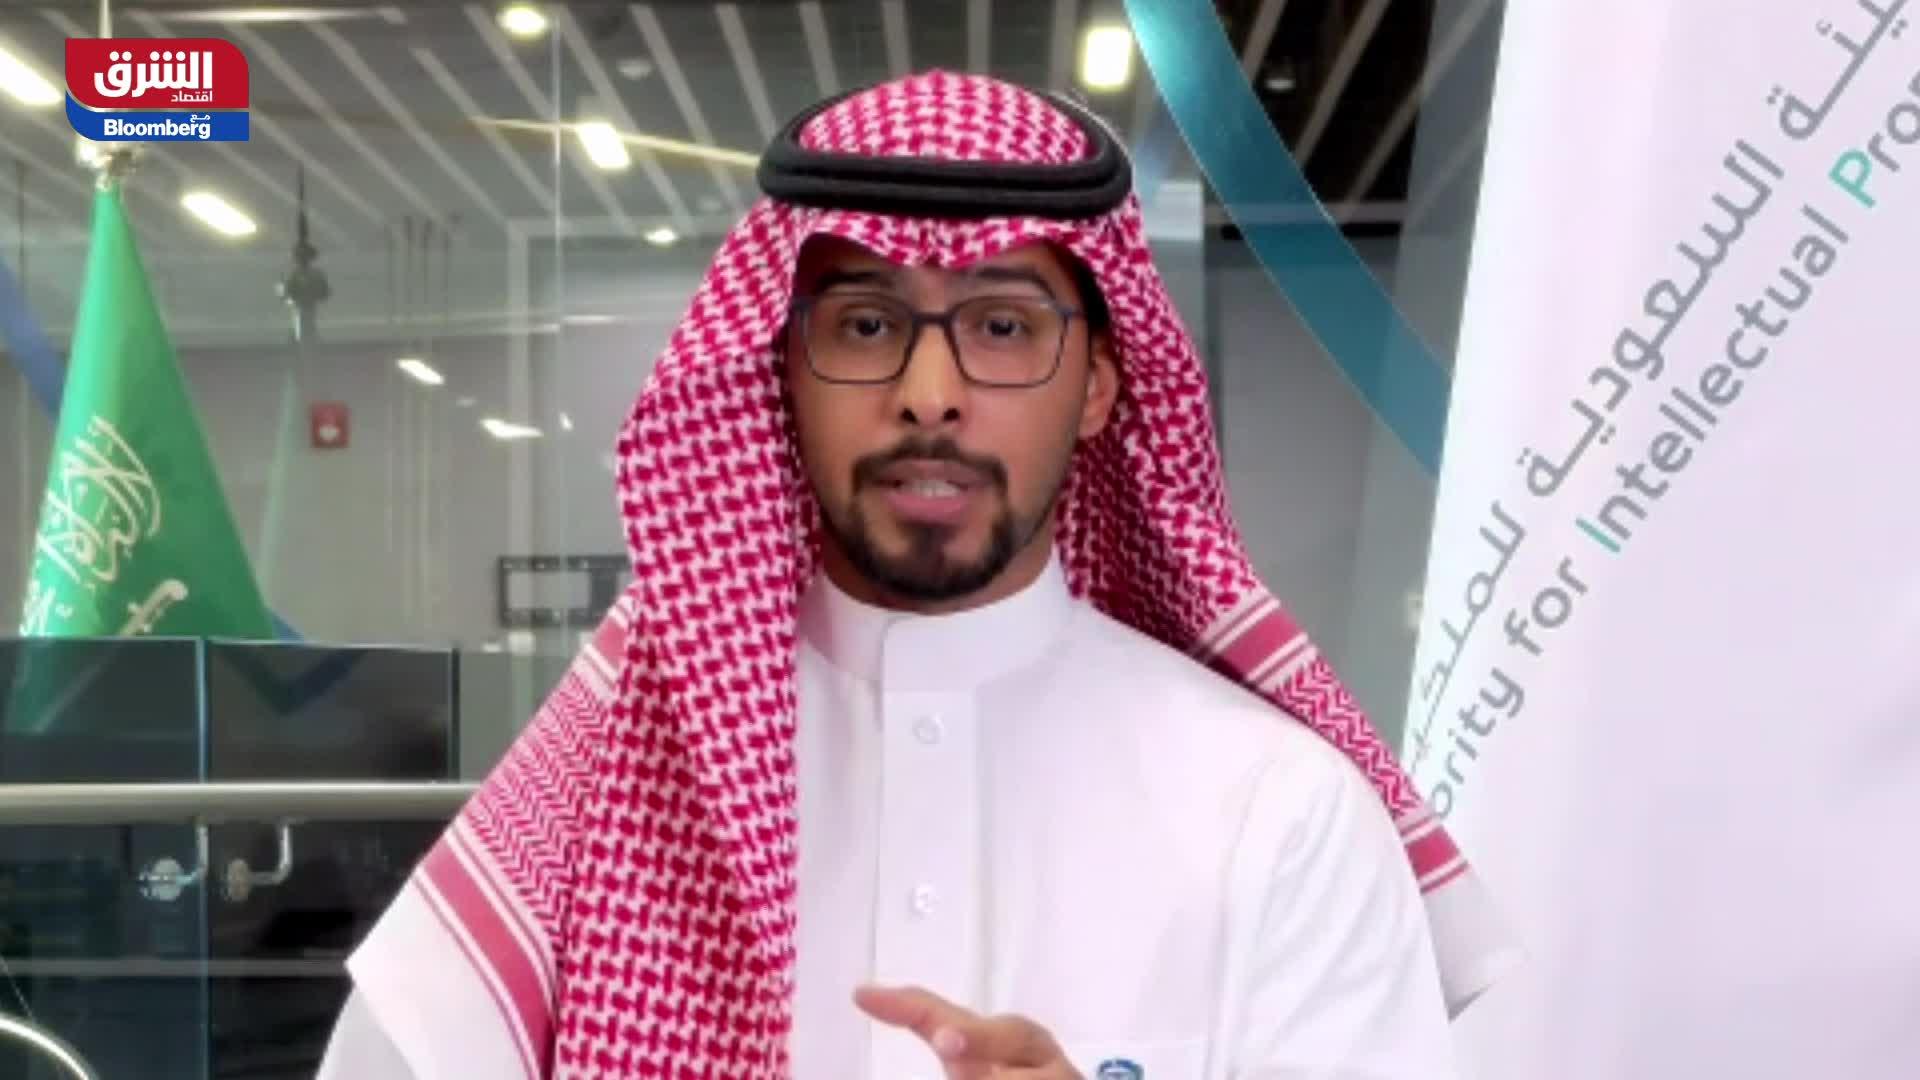 حديث حول الملكية الفكرية في السعودية